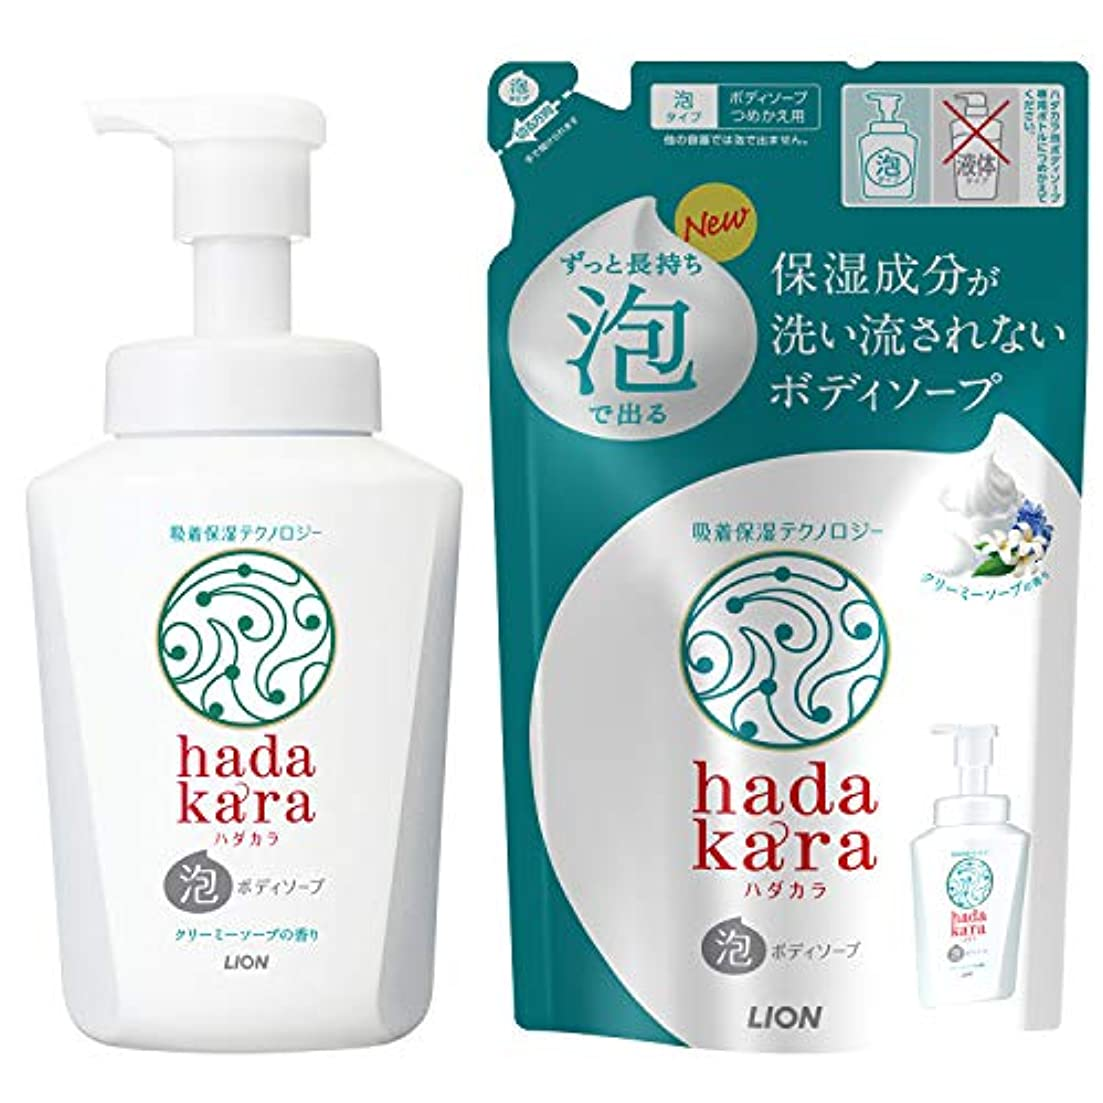 推進、動かす失望再開hadakara(ハダカラ) ボディソープ 泡タイプ クリーミーソープの香り 本体550ml+詰替440ml